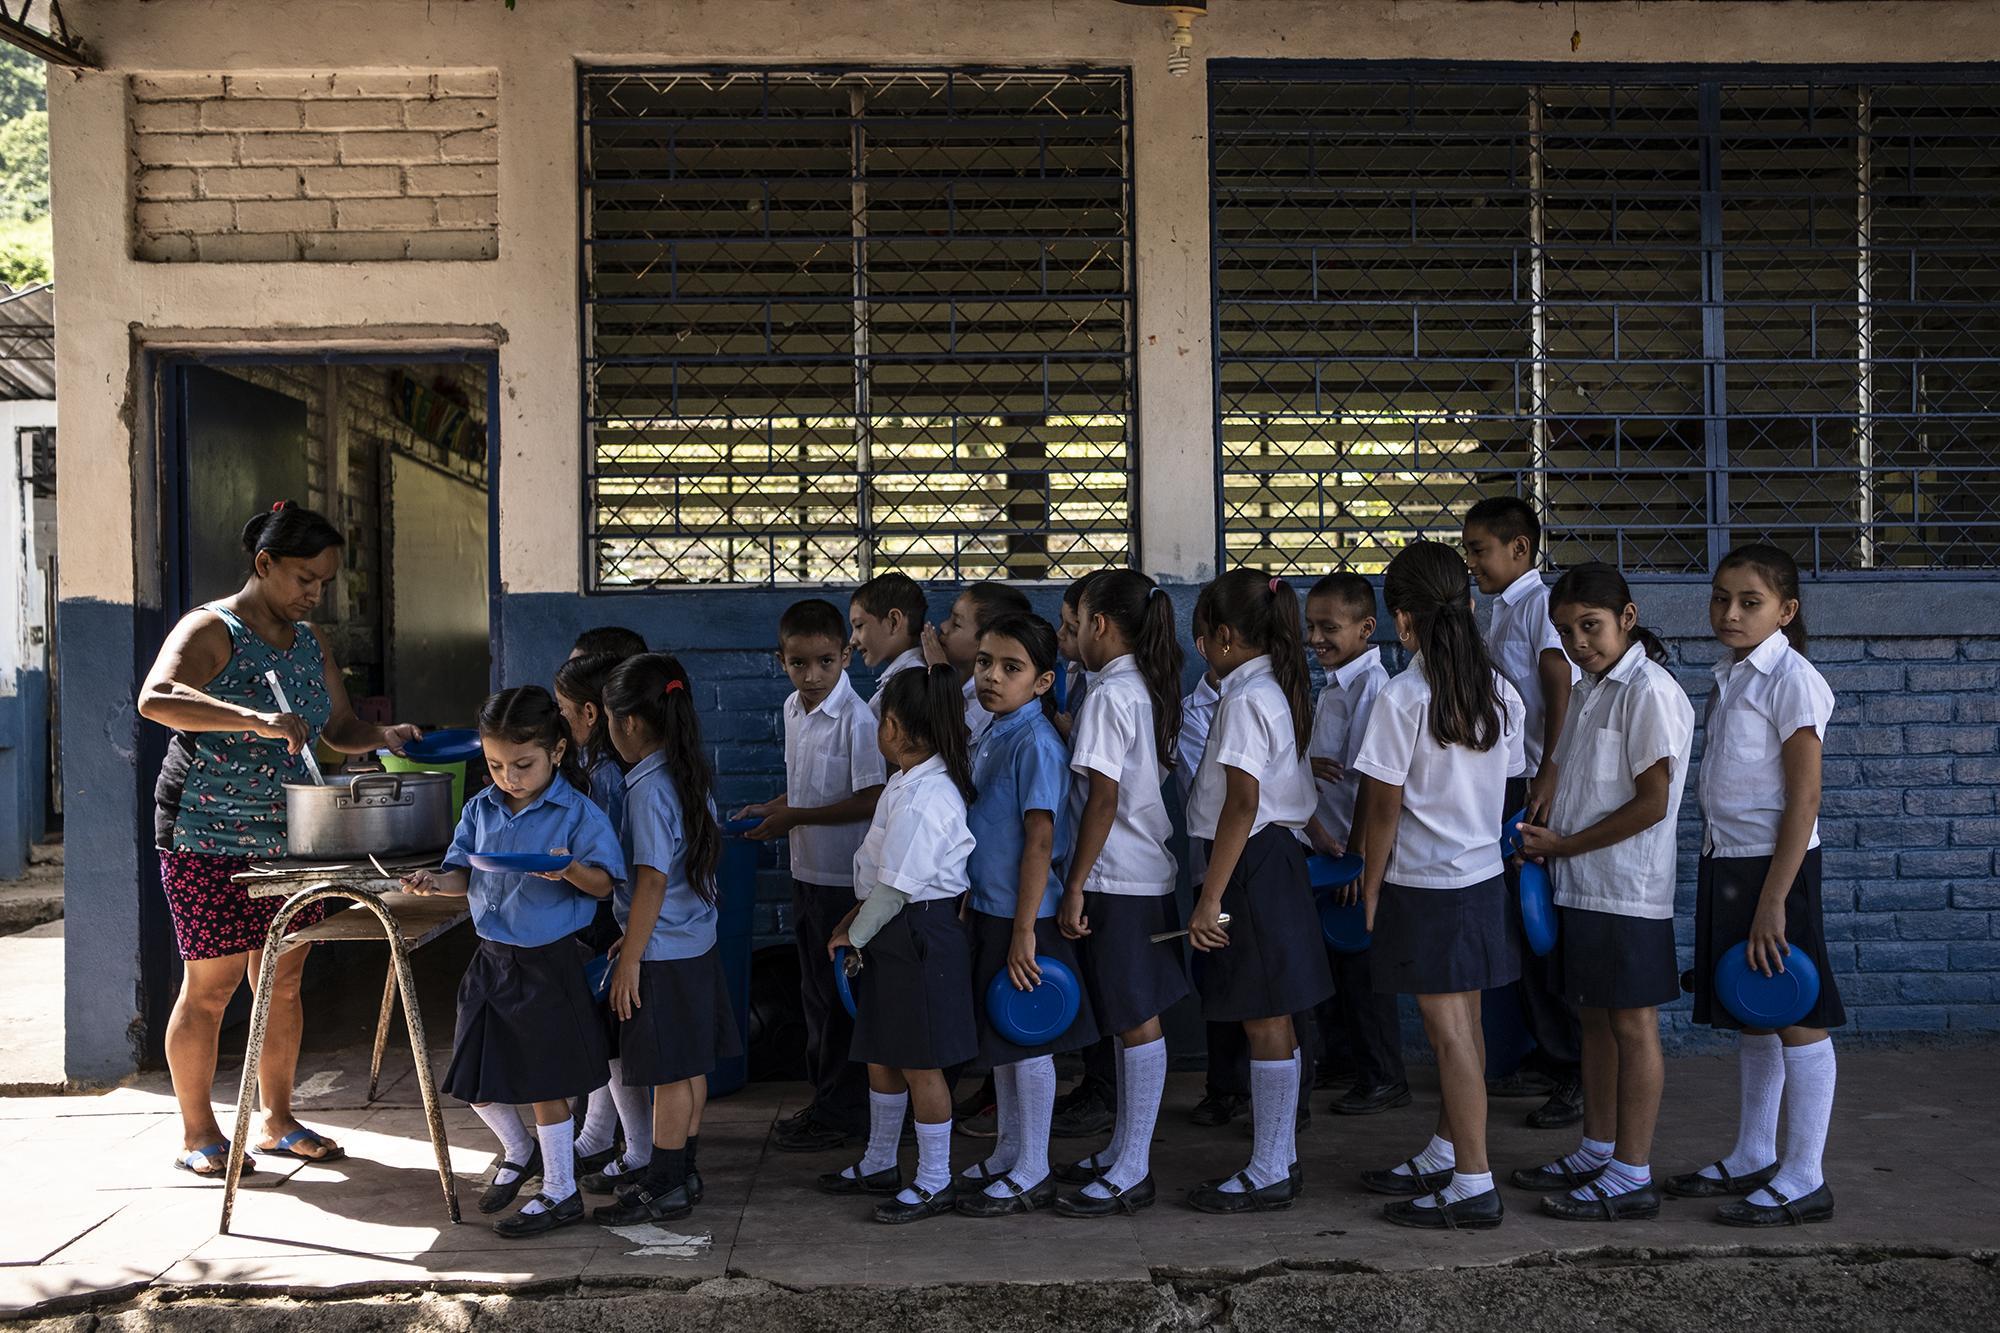 Estudiantes del Centro Escolar Caserío El Tule, en el Cantón El Pinalón, Santa Ana reciben raciones de comida entregada a través del programa de alimentación escolar del Gobierno. Foto, Carlos Barrera.